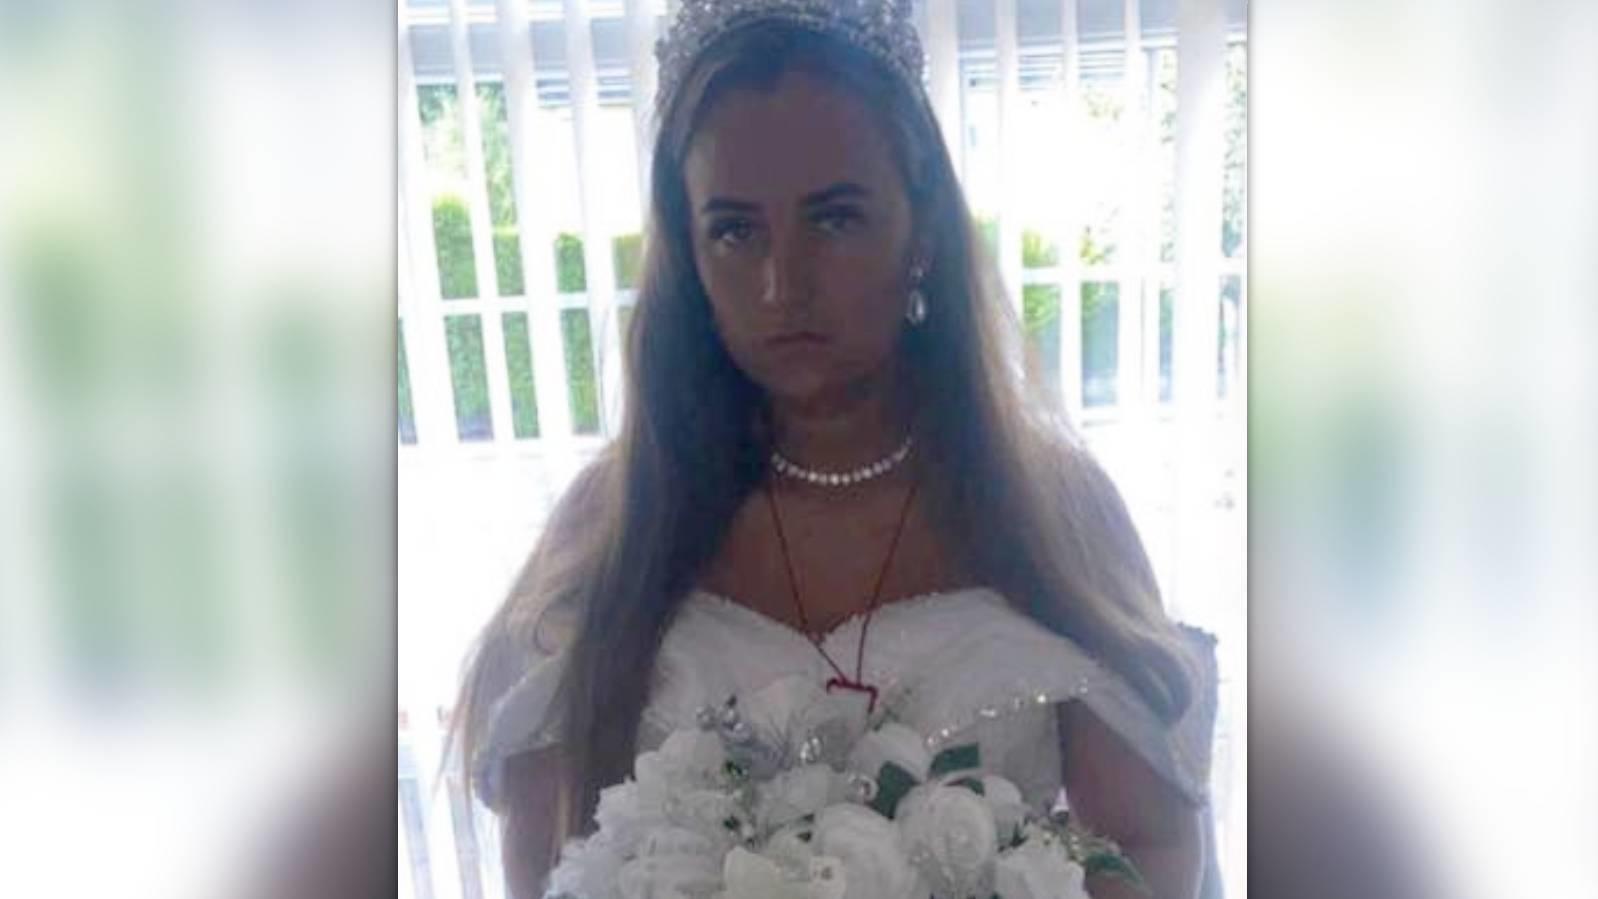 kate-quilligan-verlor-ihren-verlobten-nur-wenige-stunden-vor-der-hochzeit